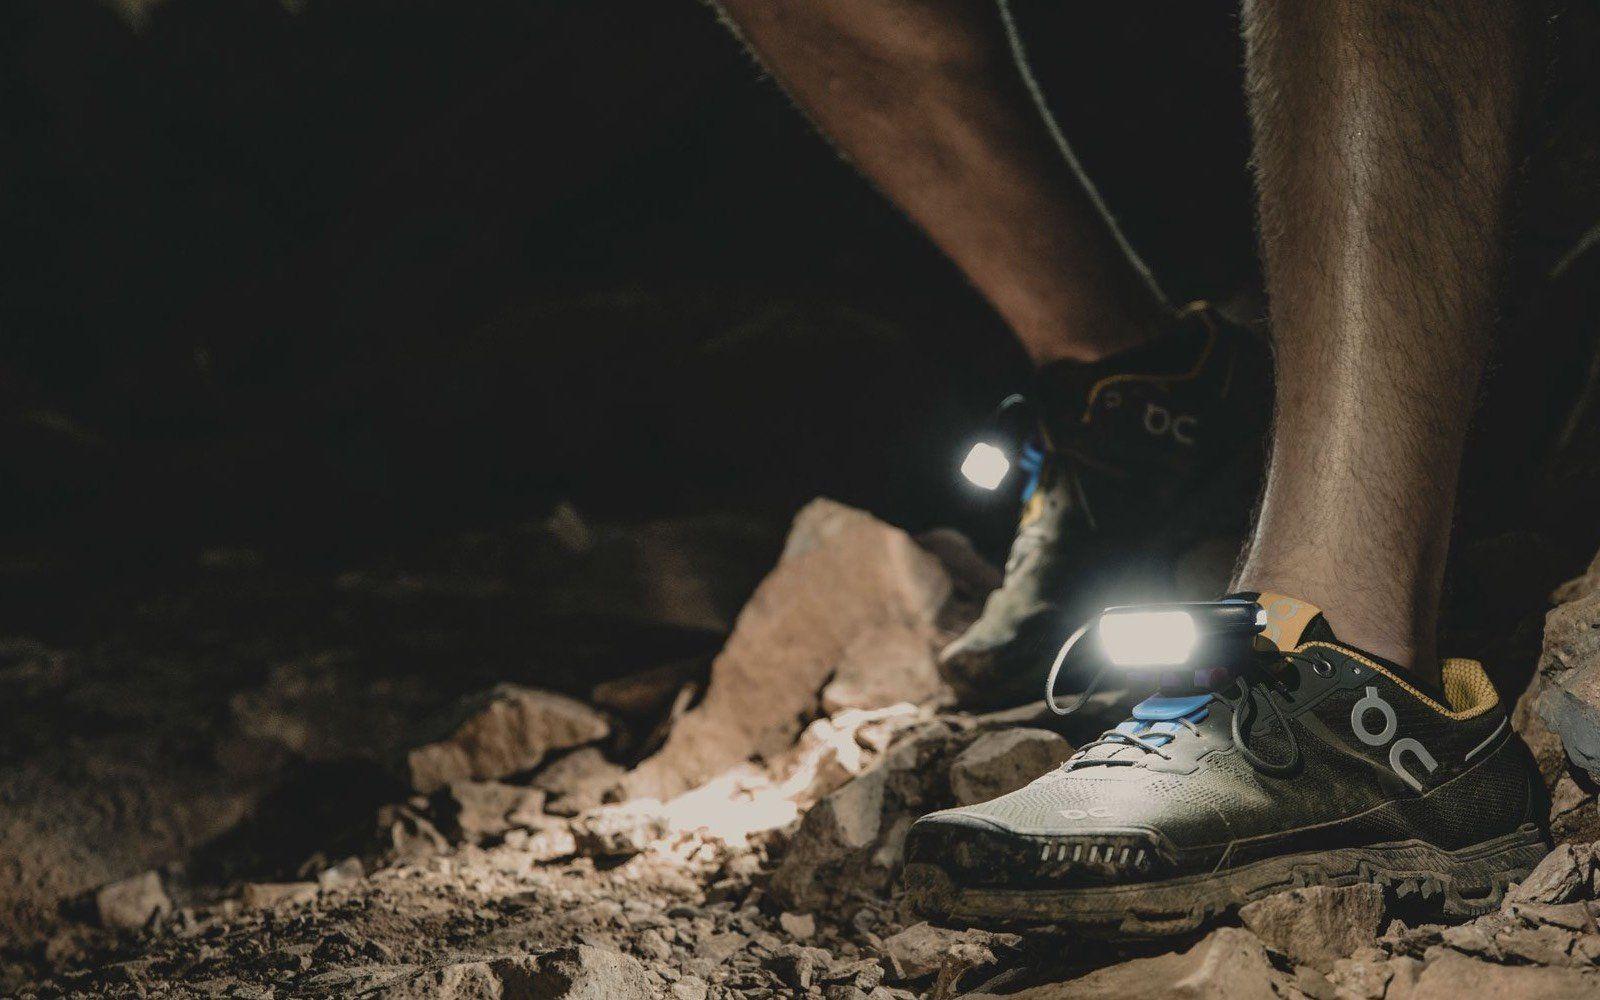 Night Trek Xtreme Schuhlicht als Alternative zur Stirnlampe mit mehr Lumen